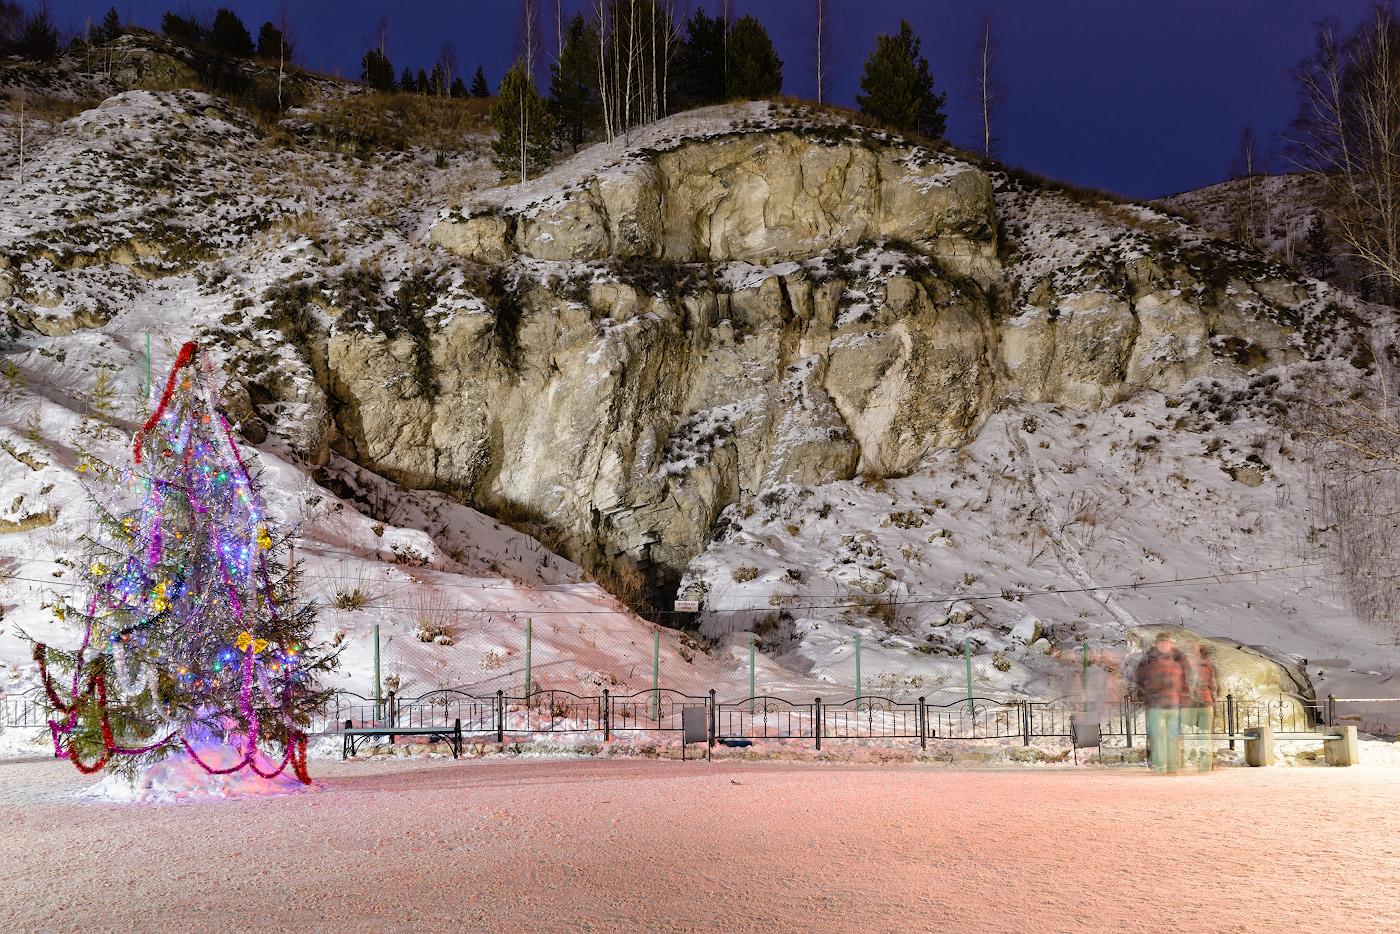 Фотография 5. Обрыв в склоне Ледяной горы в селе Филипповка. В центре указатель с красным текстом – здесь, если я не ошибаюсь, старый ход в Кунгурскую пещеру. 15, +0.67, 8.0, 500, 28.